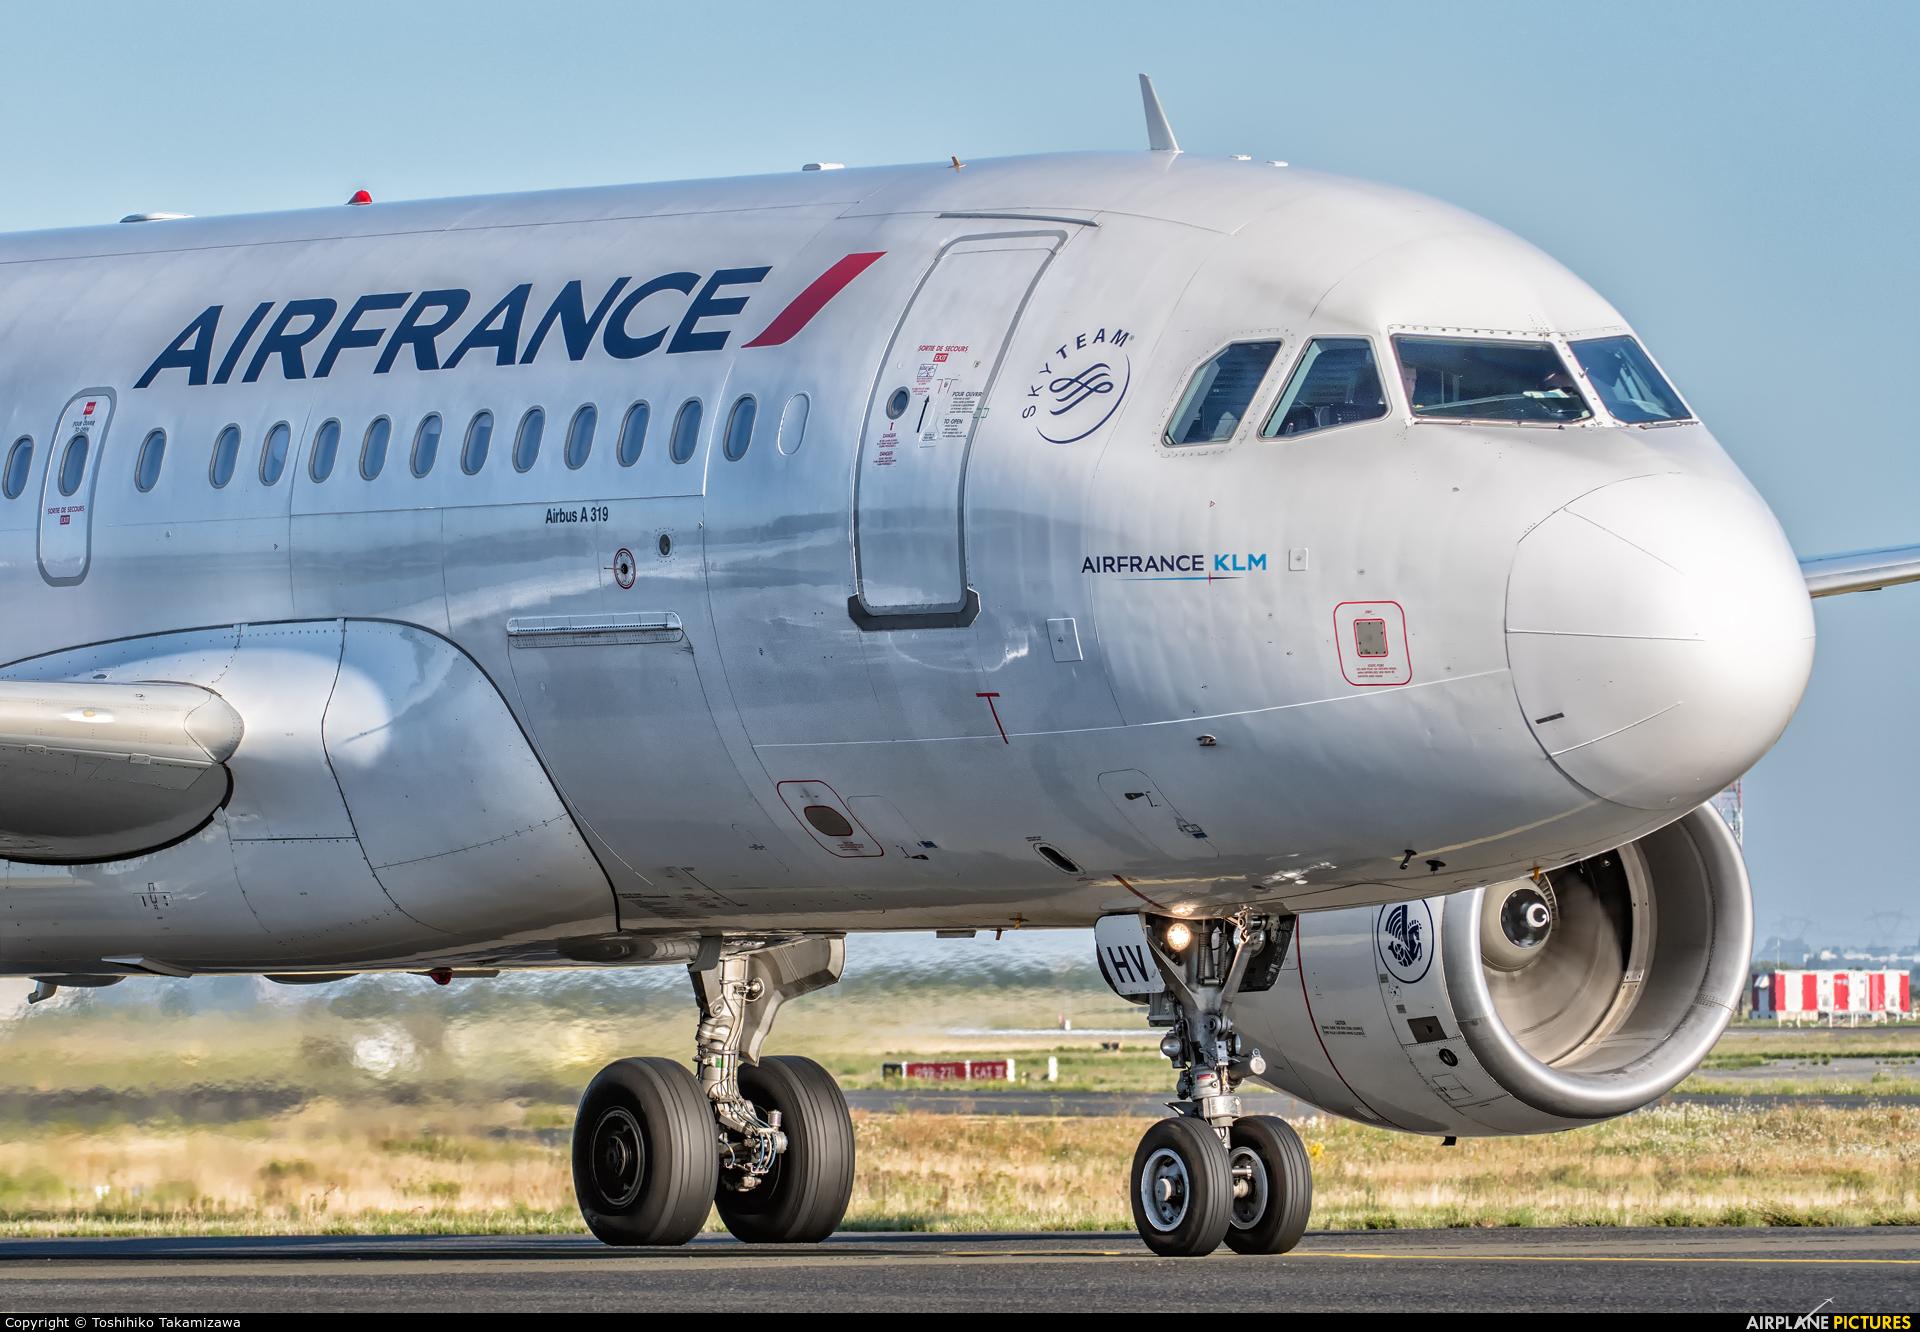 Air France F-GRHV aircraft at Paris - Charles de Gaulle